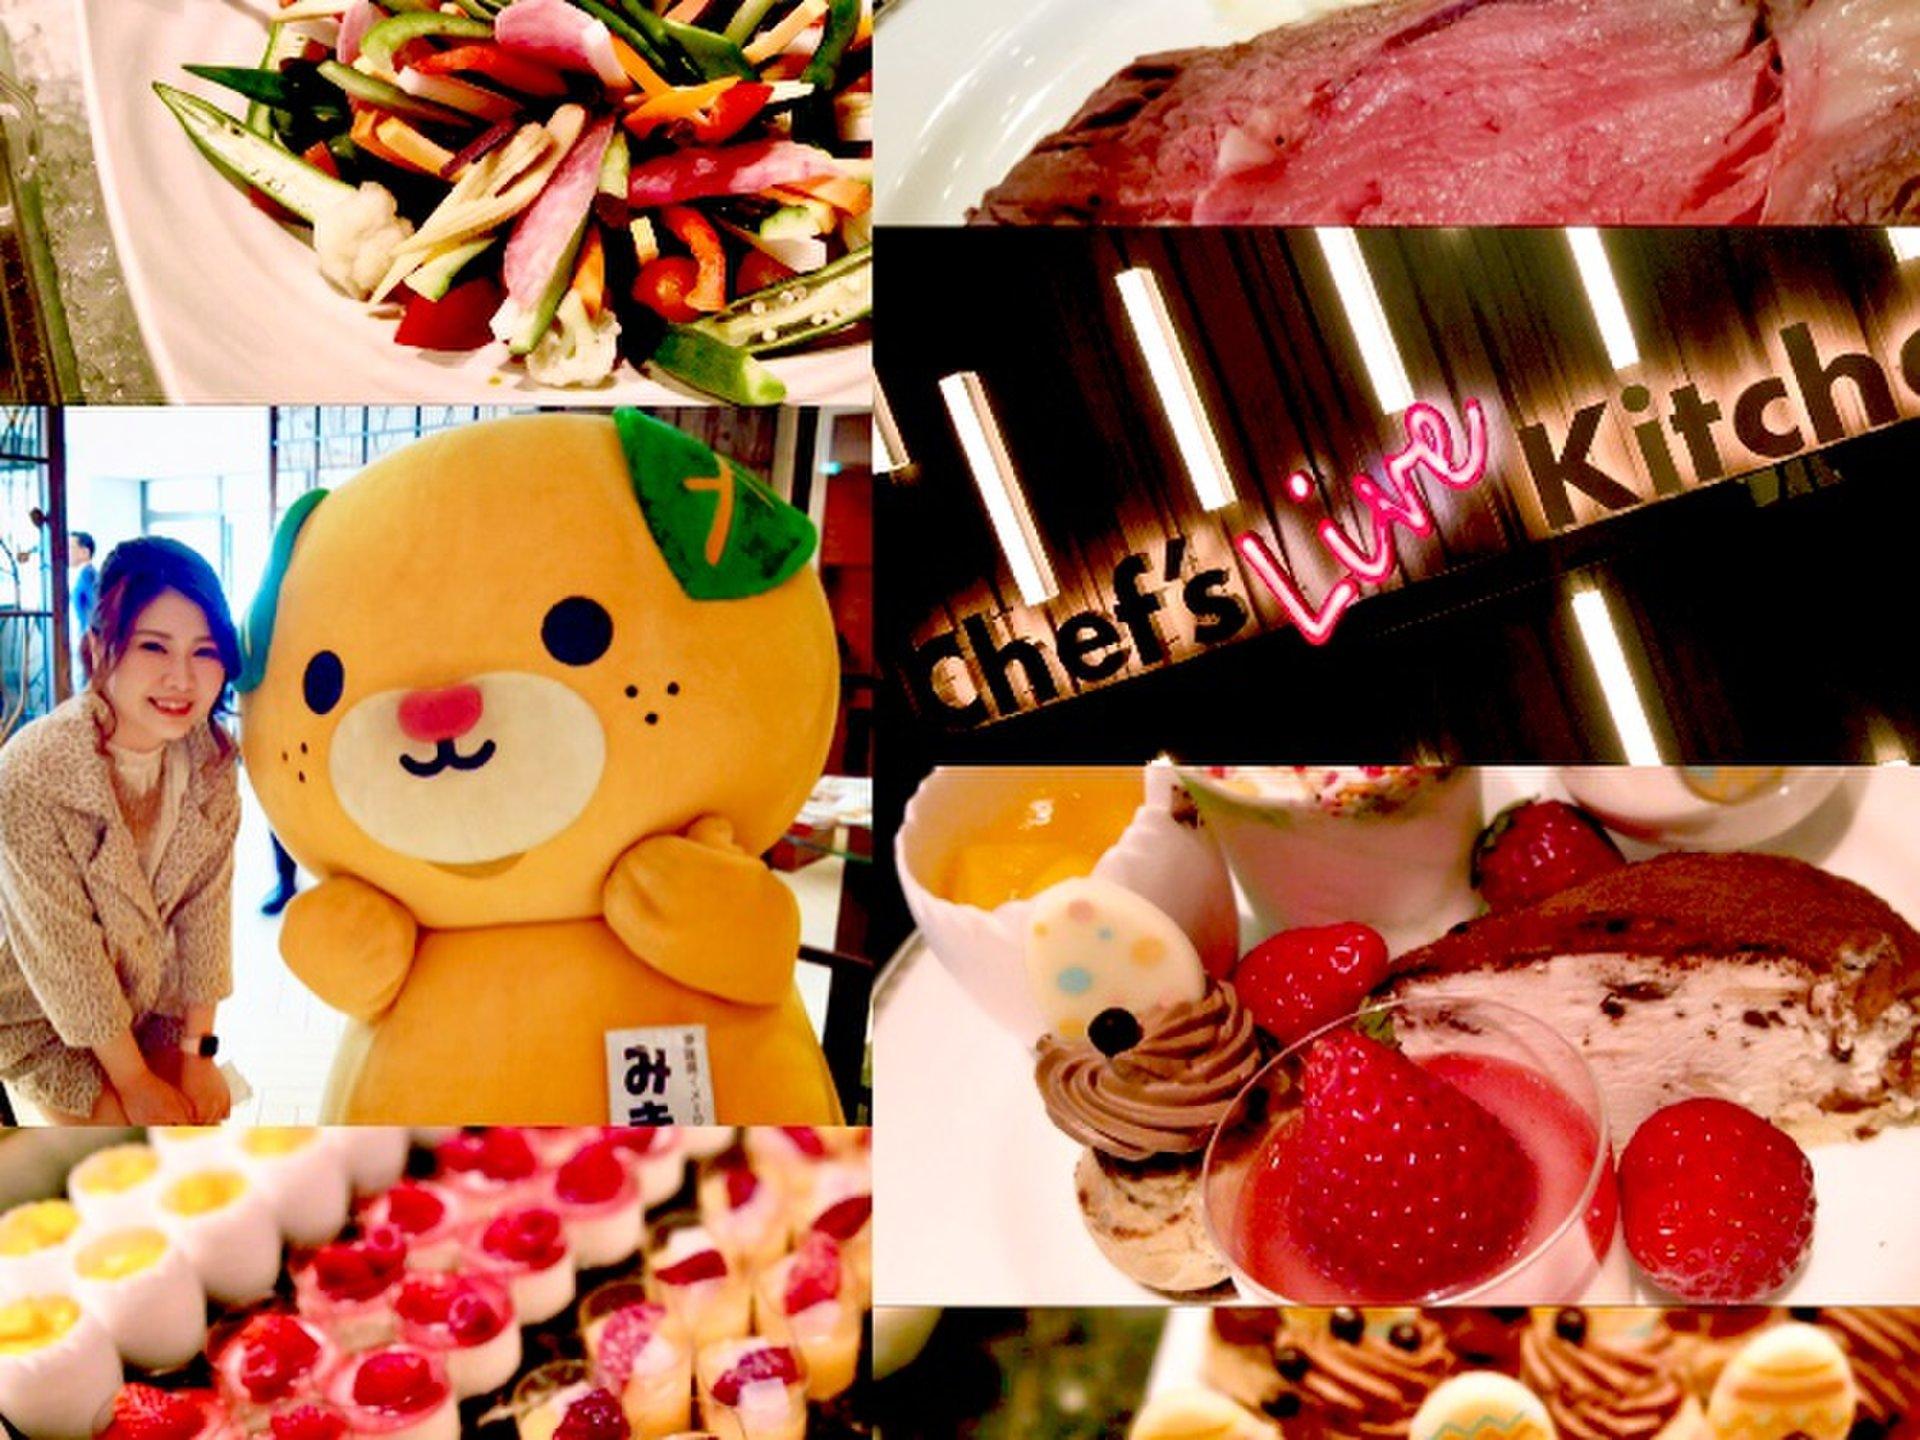 まだ間に合うGW食べ放題レストラン!お寿司も天ぷらもローストビーフも!豪華なブュッフェで大満足